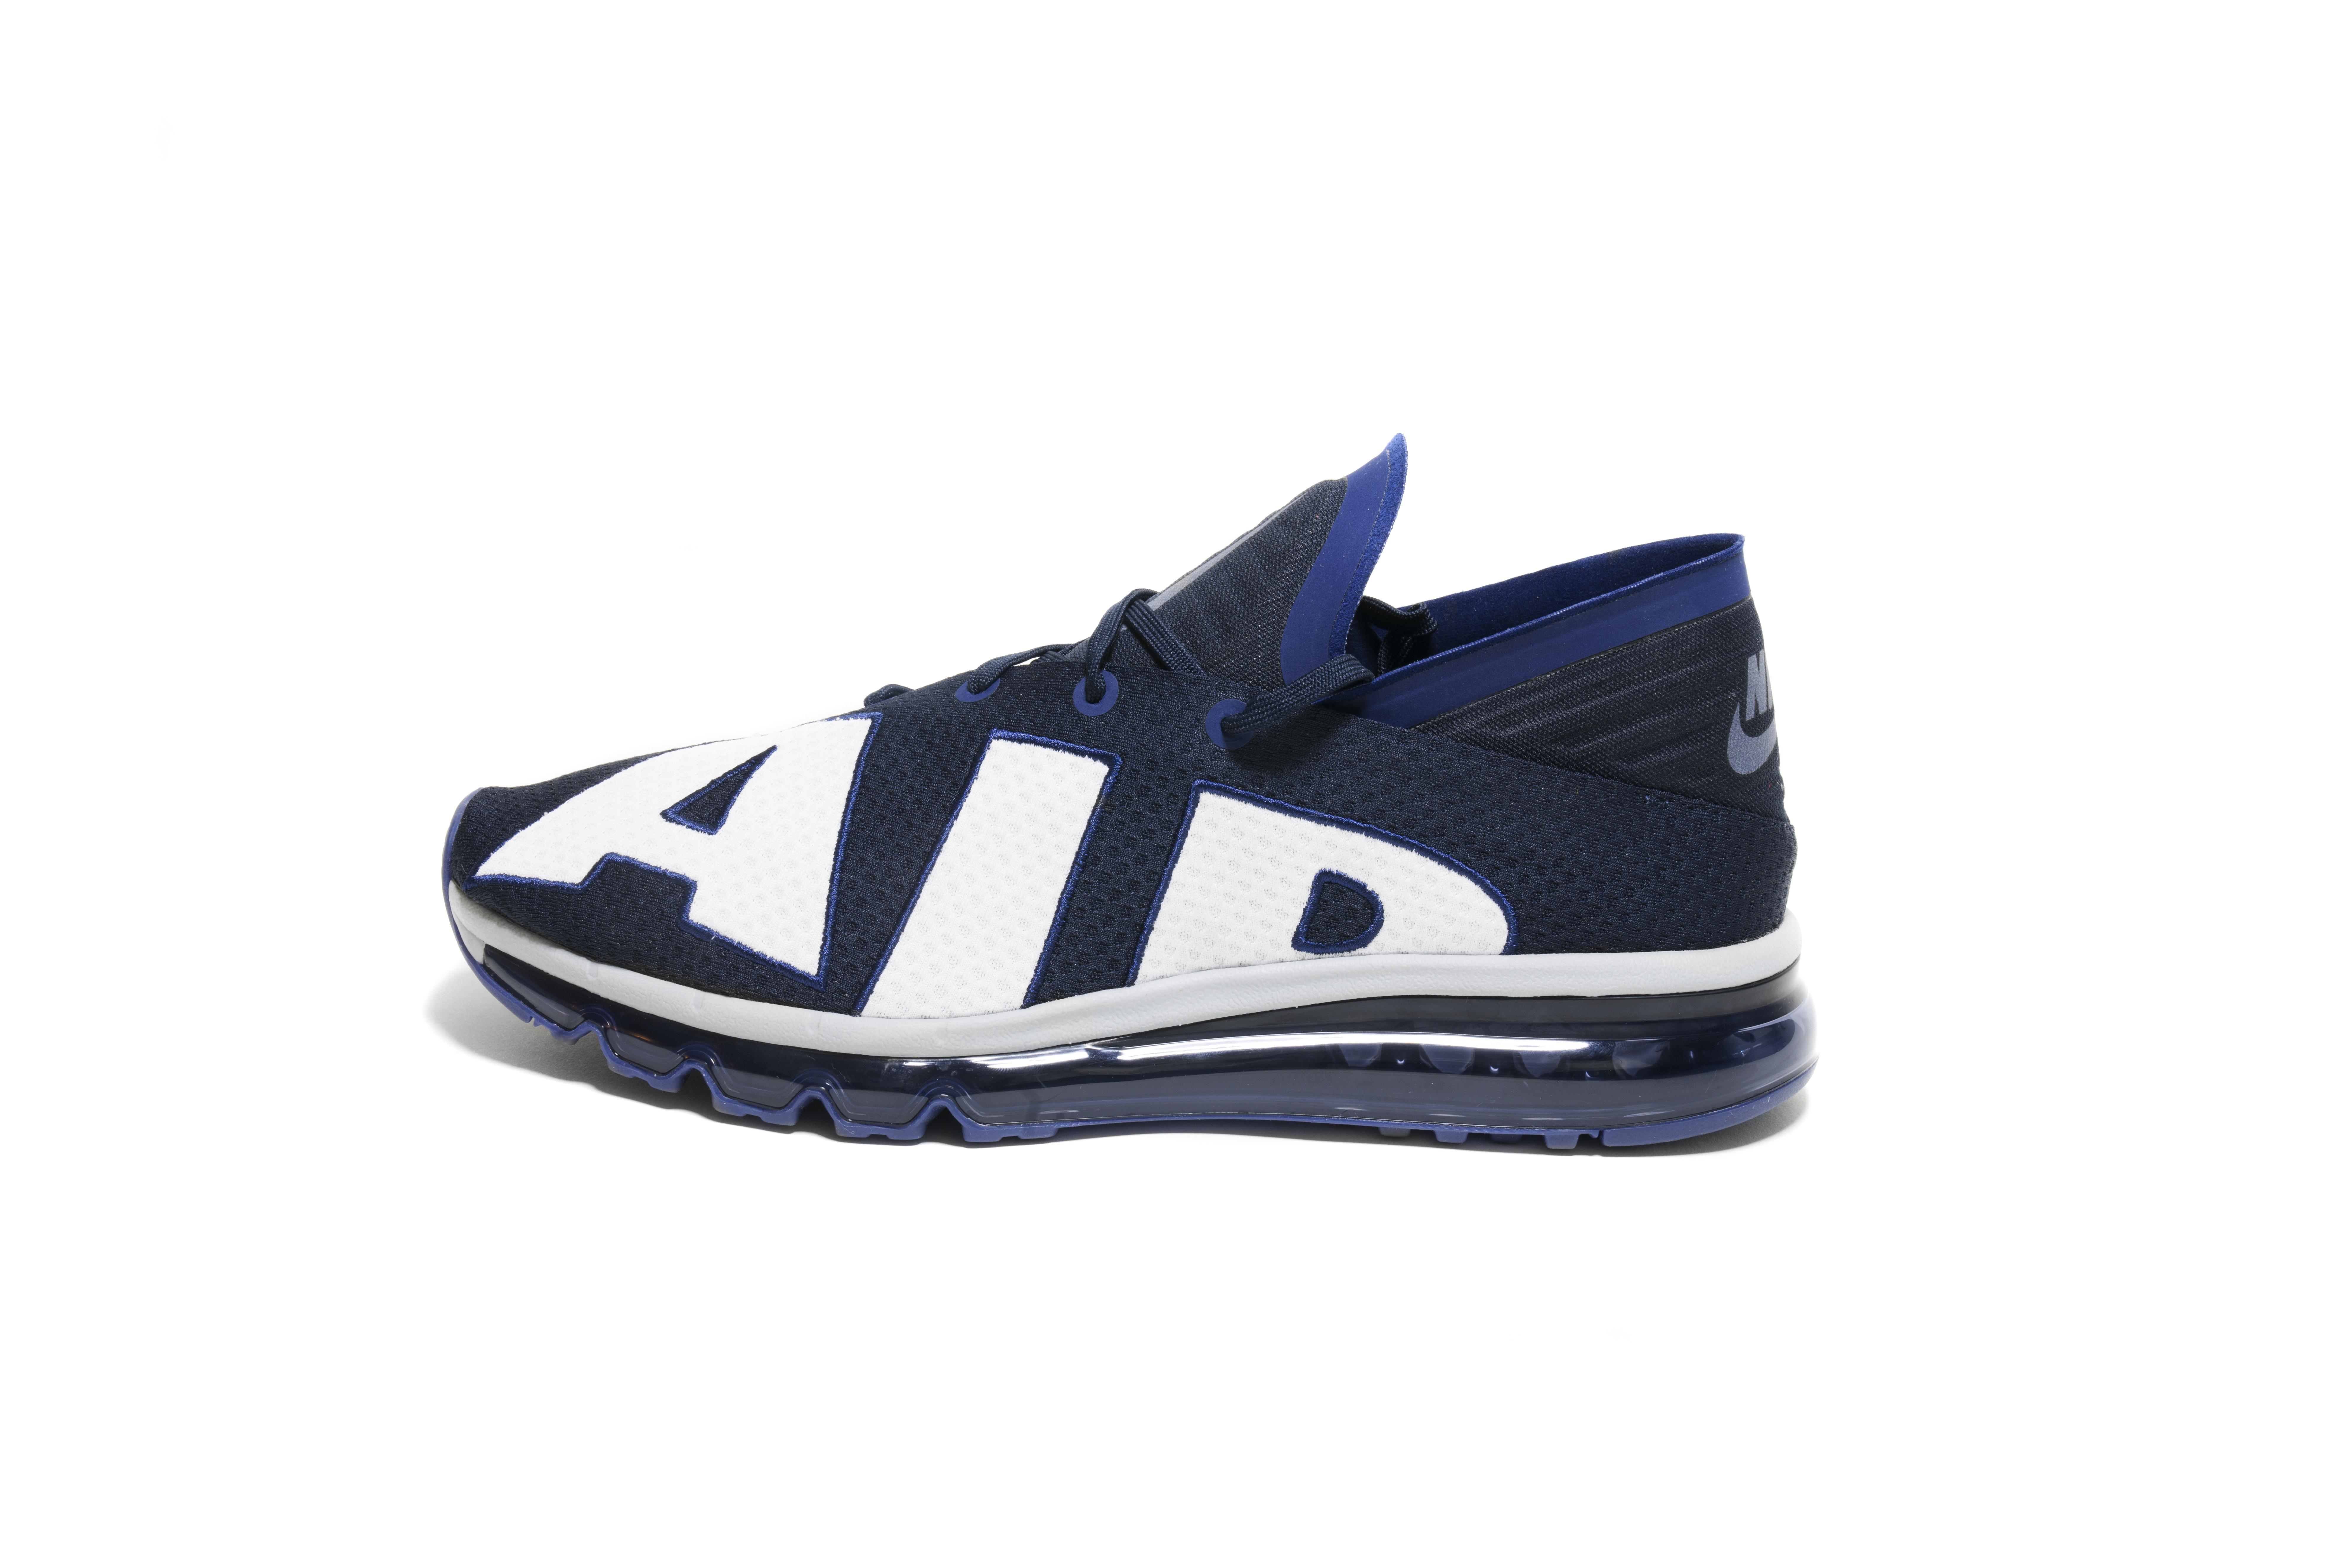 Nike Air Max Flair - Blue White